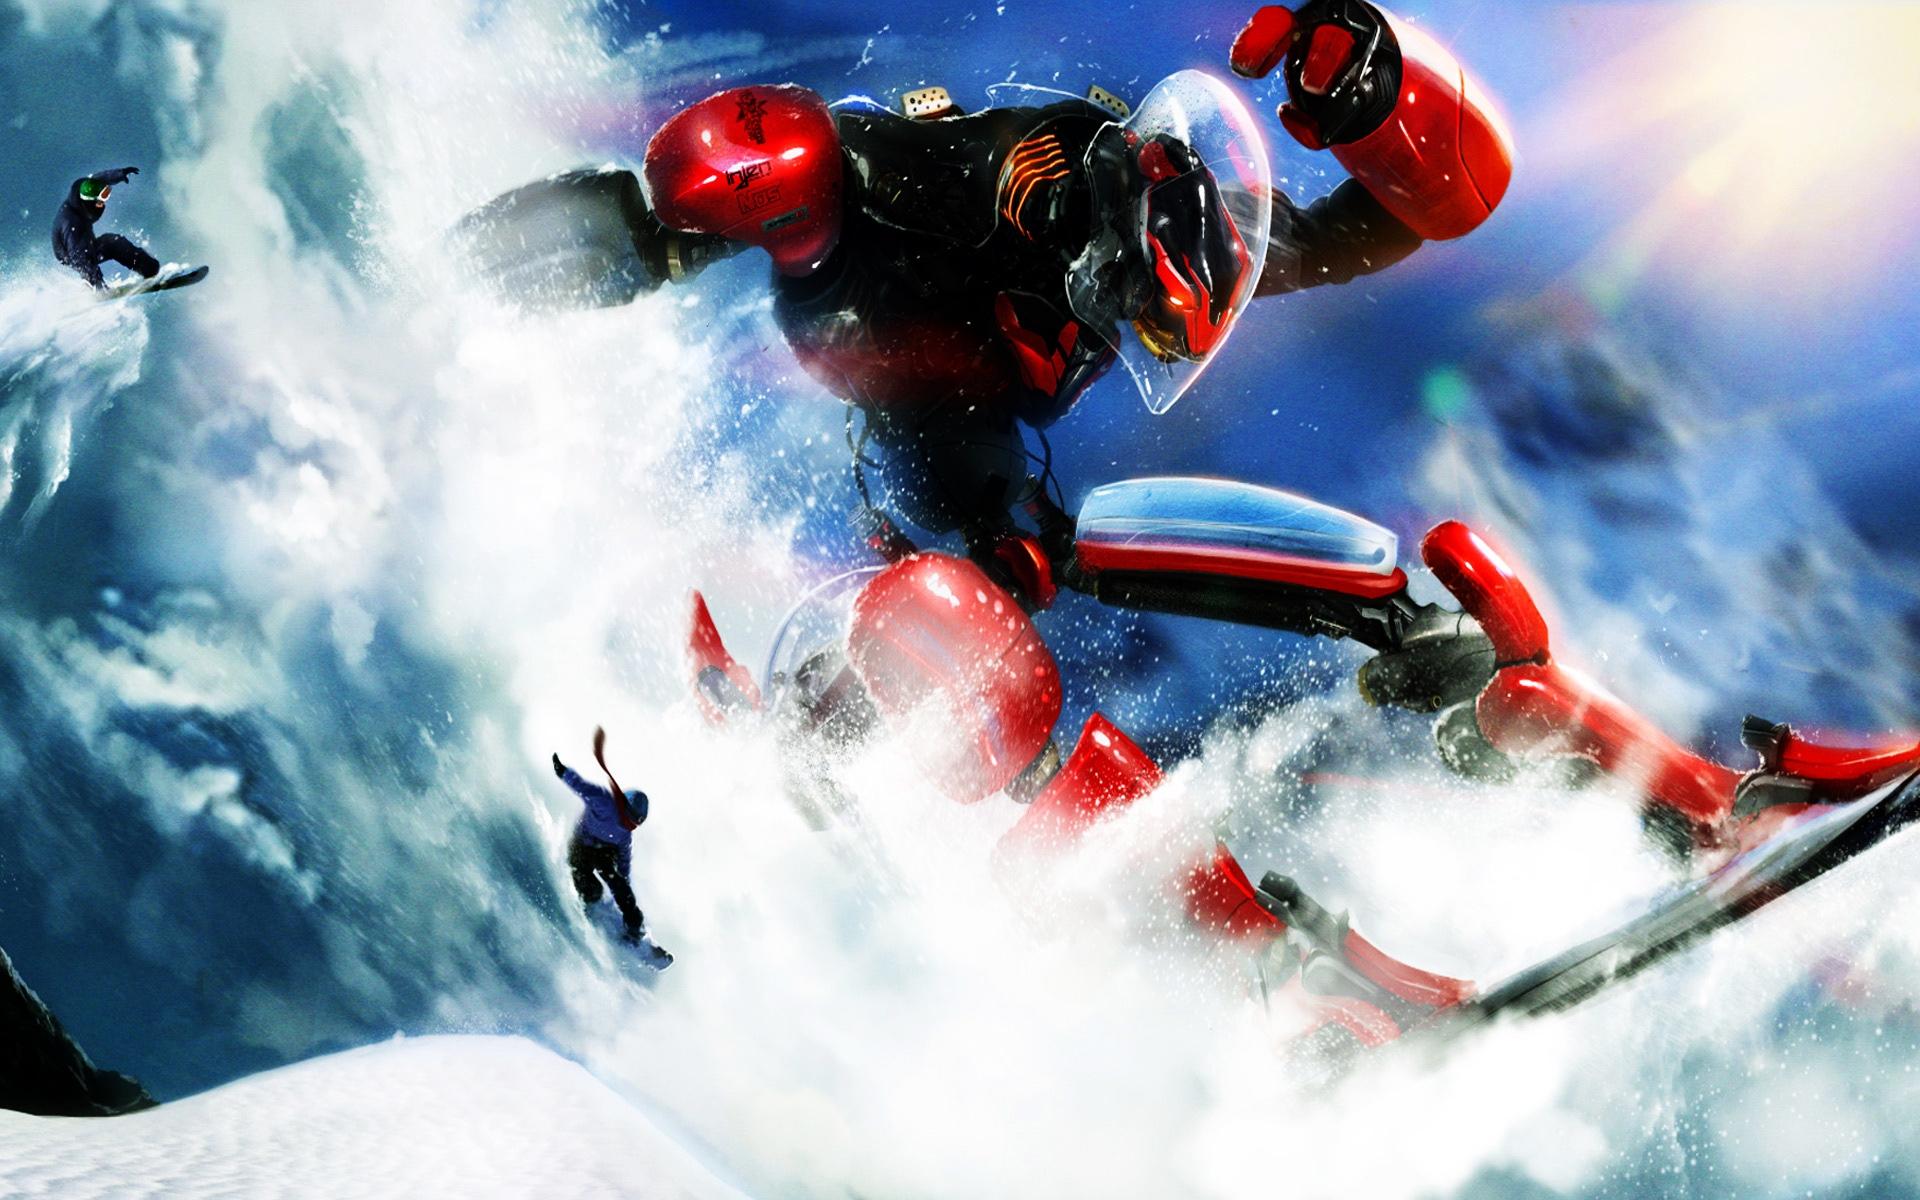 сноубордист робот, скачать фото, обои для рабочего стола, snowboard wallpaper